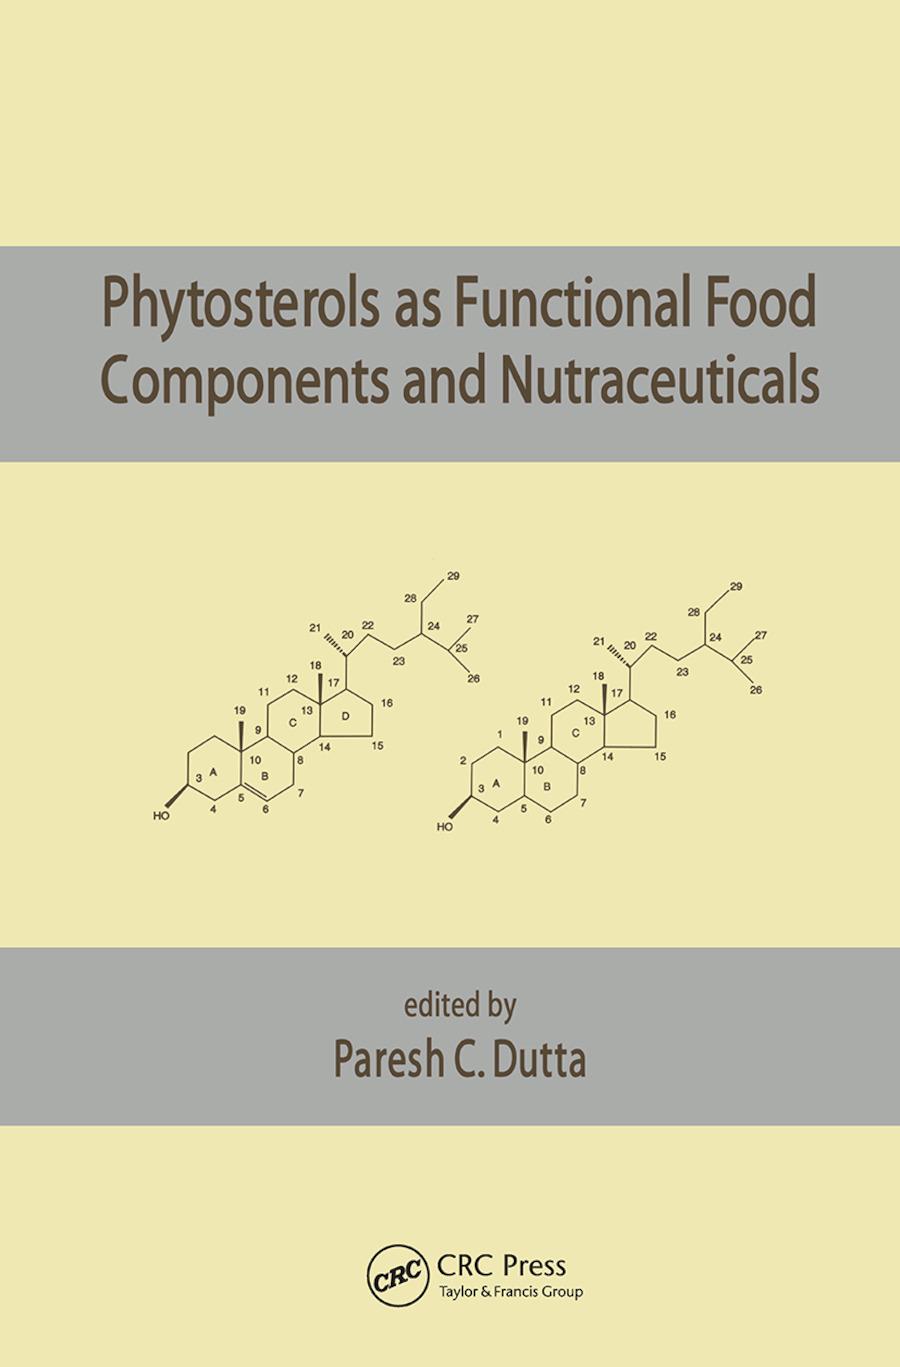 campestanol; 9, campesterol; 10, desmosterol; 12, 24-methylenecholesterol; 13, sitostanol; 14, sitosterol; 15, ∆ -ergosterol; 16,